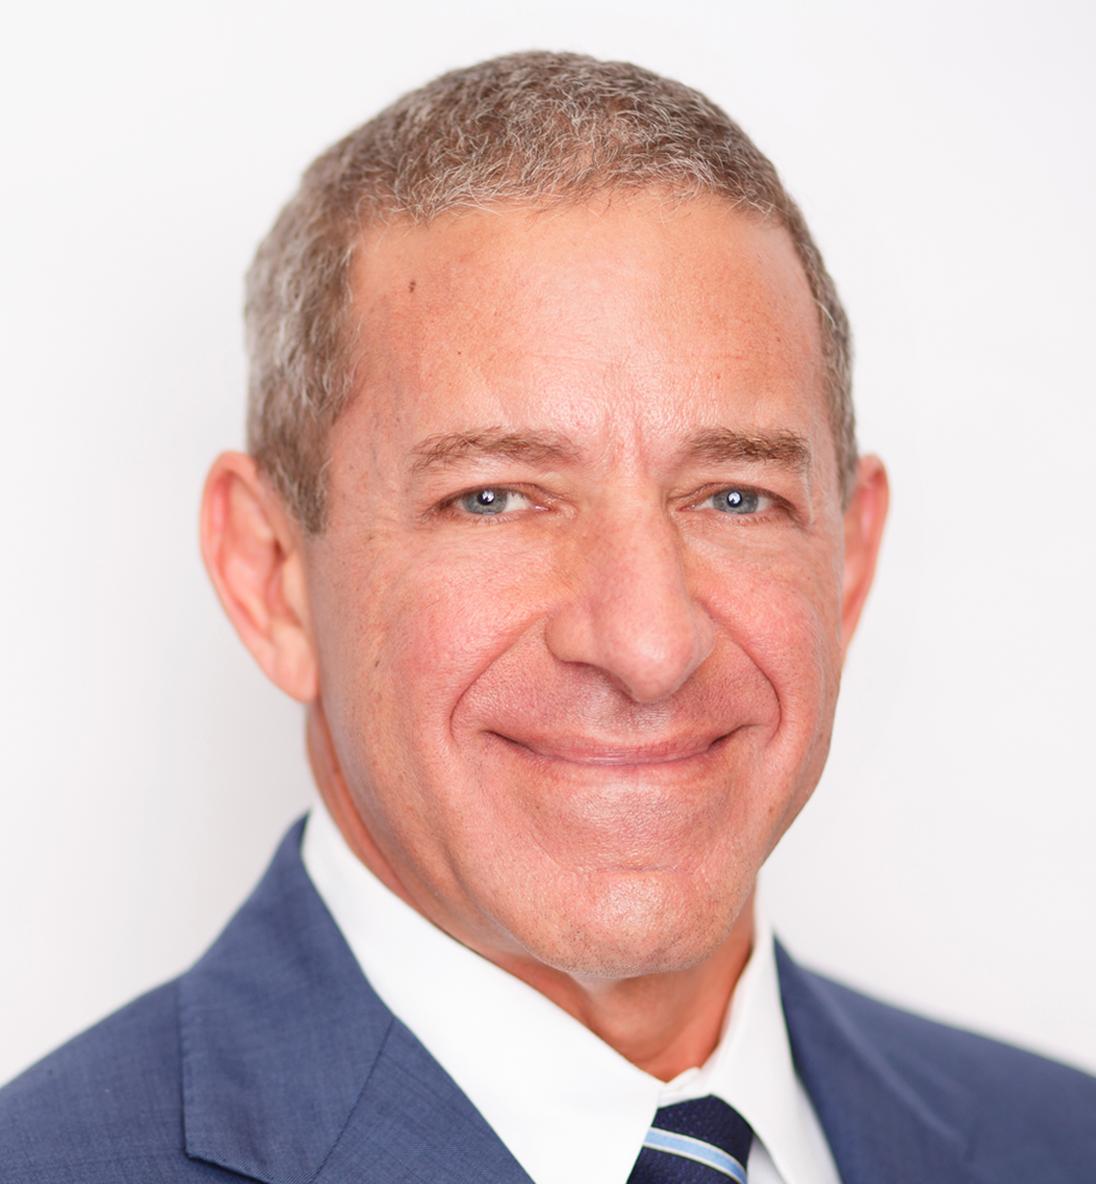 Jeffrey A. Weiss, DO